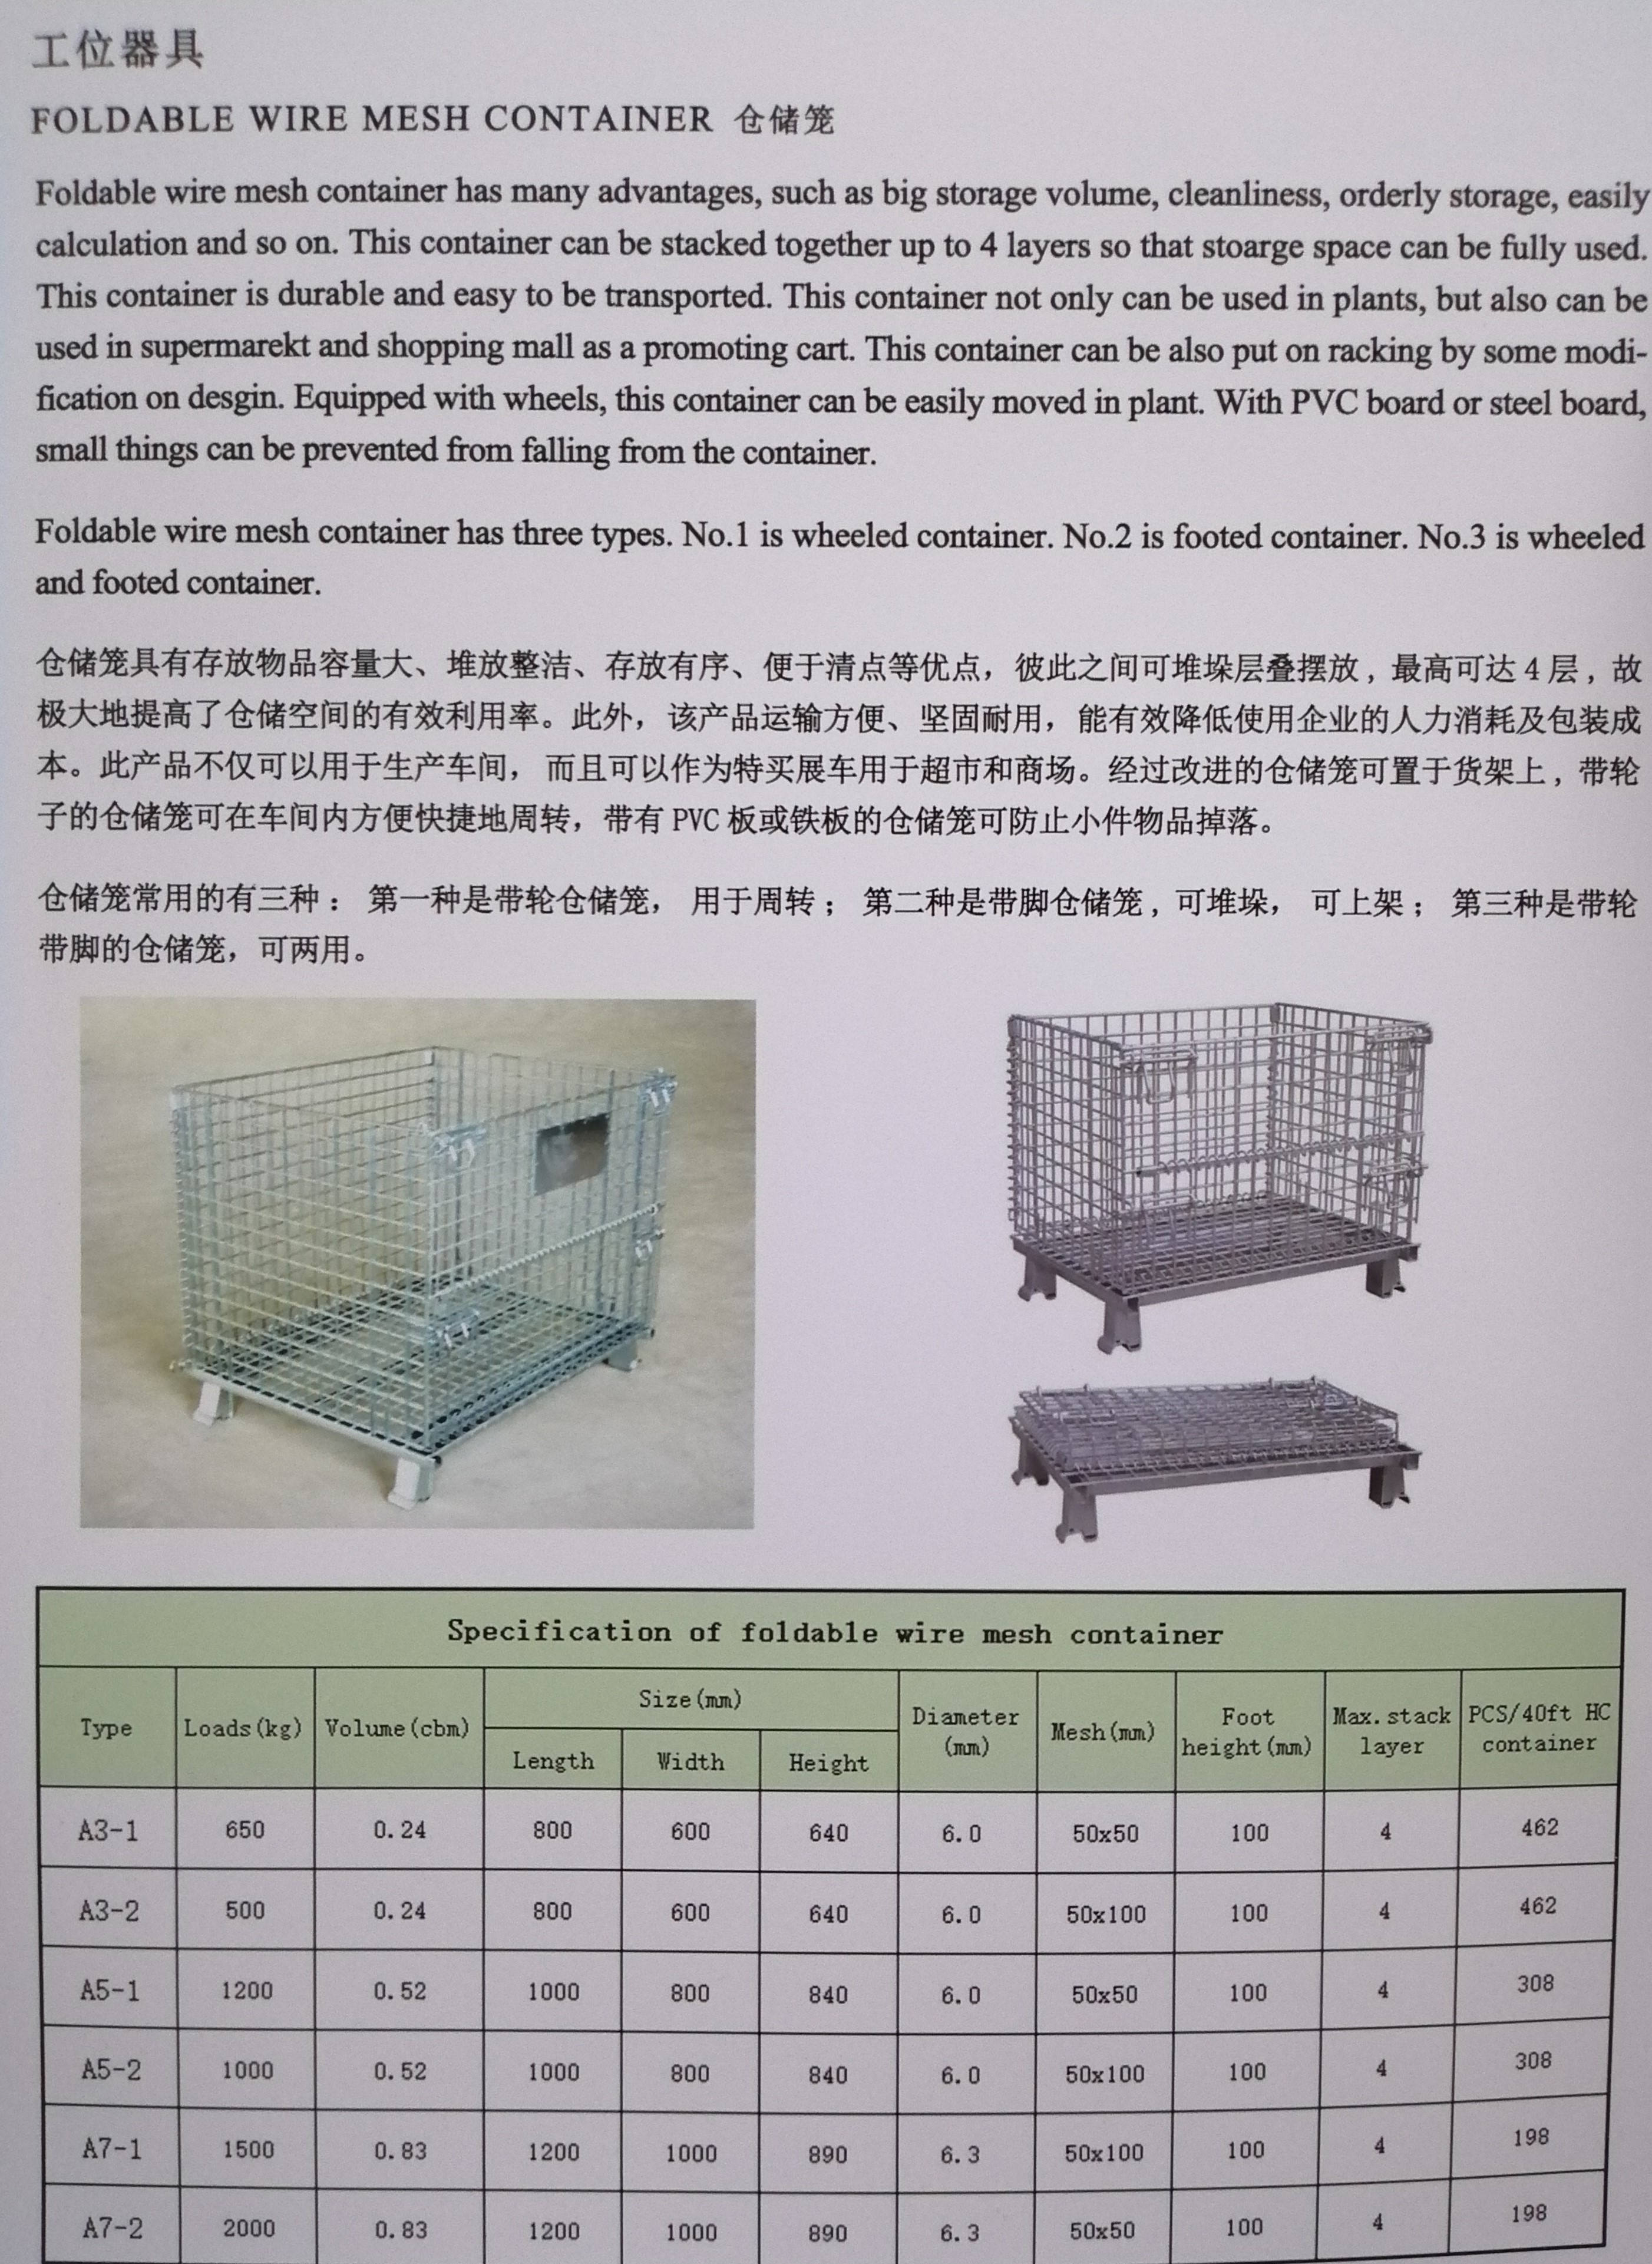 工位器具-仓储笼